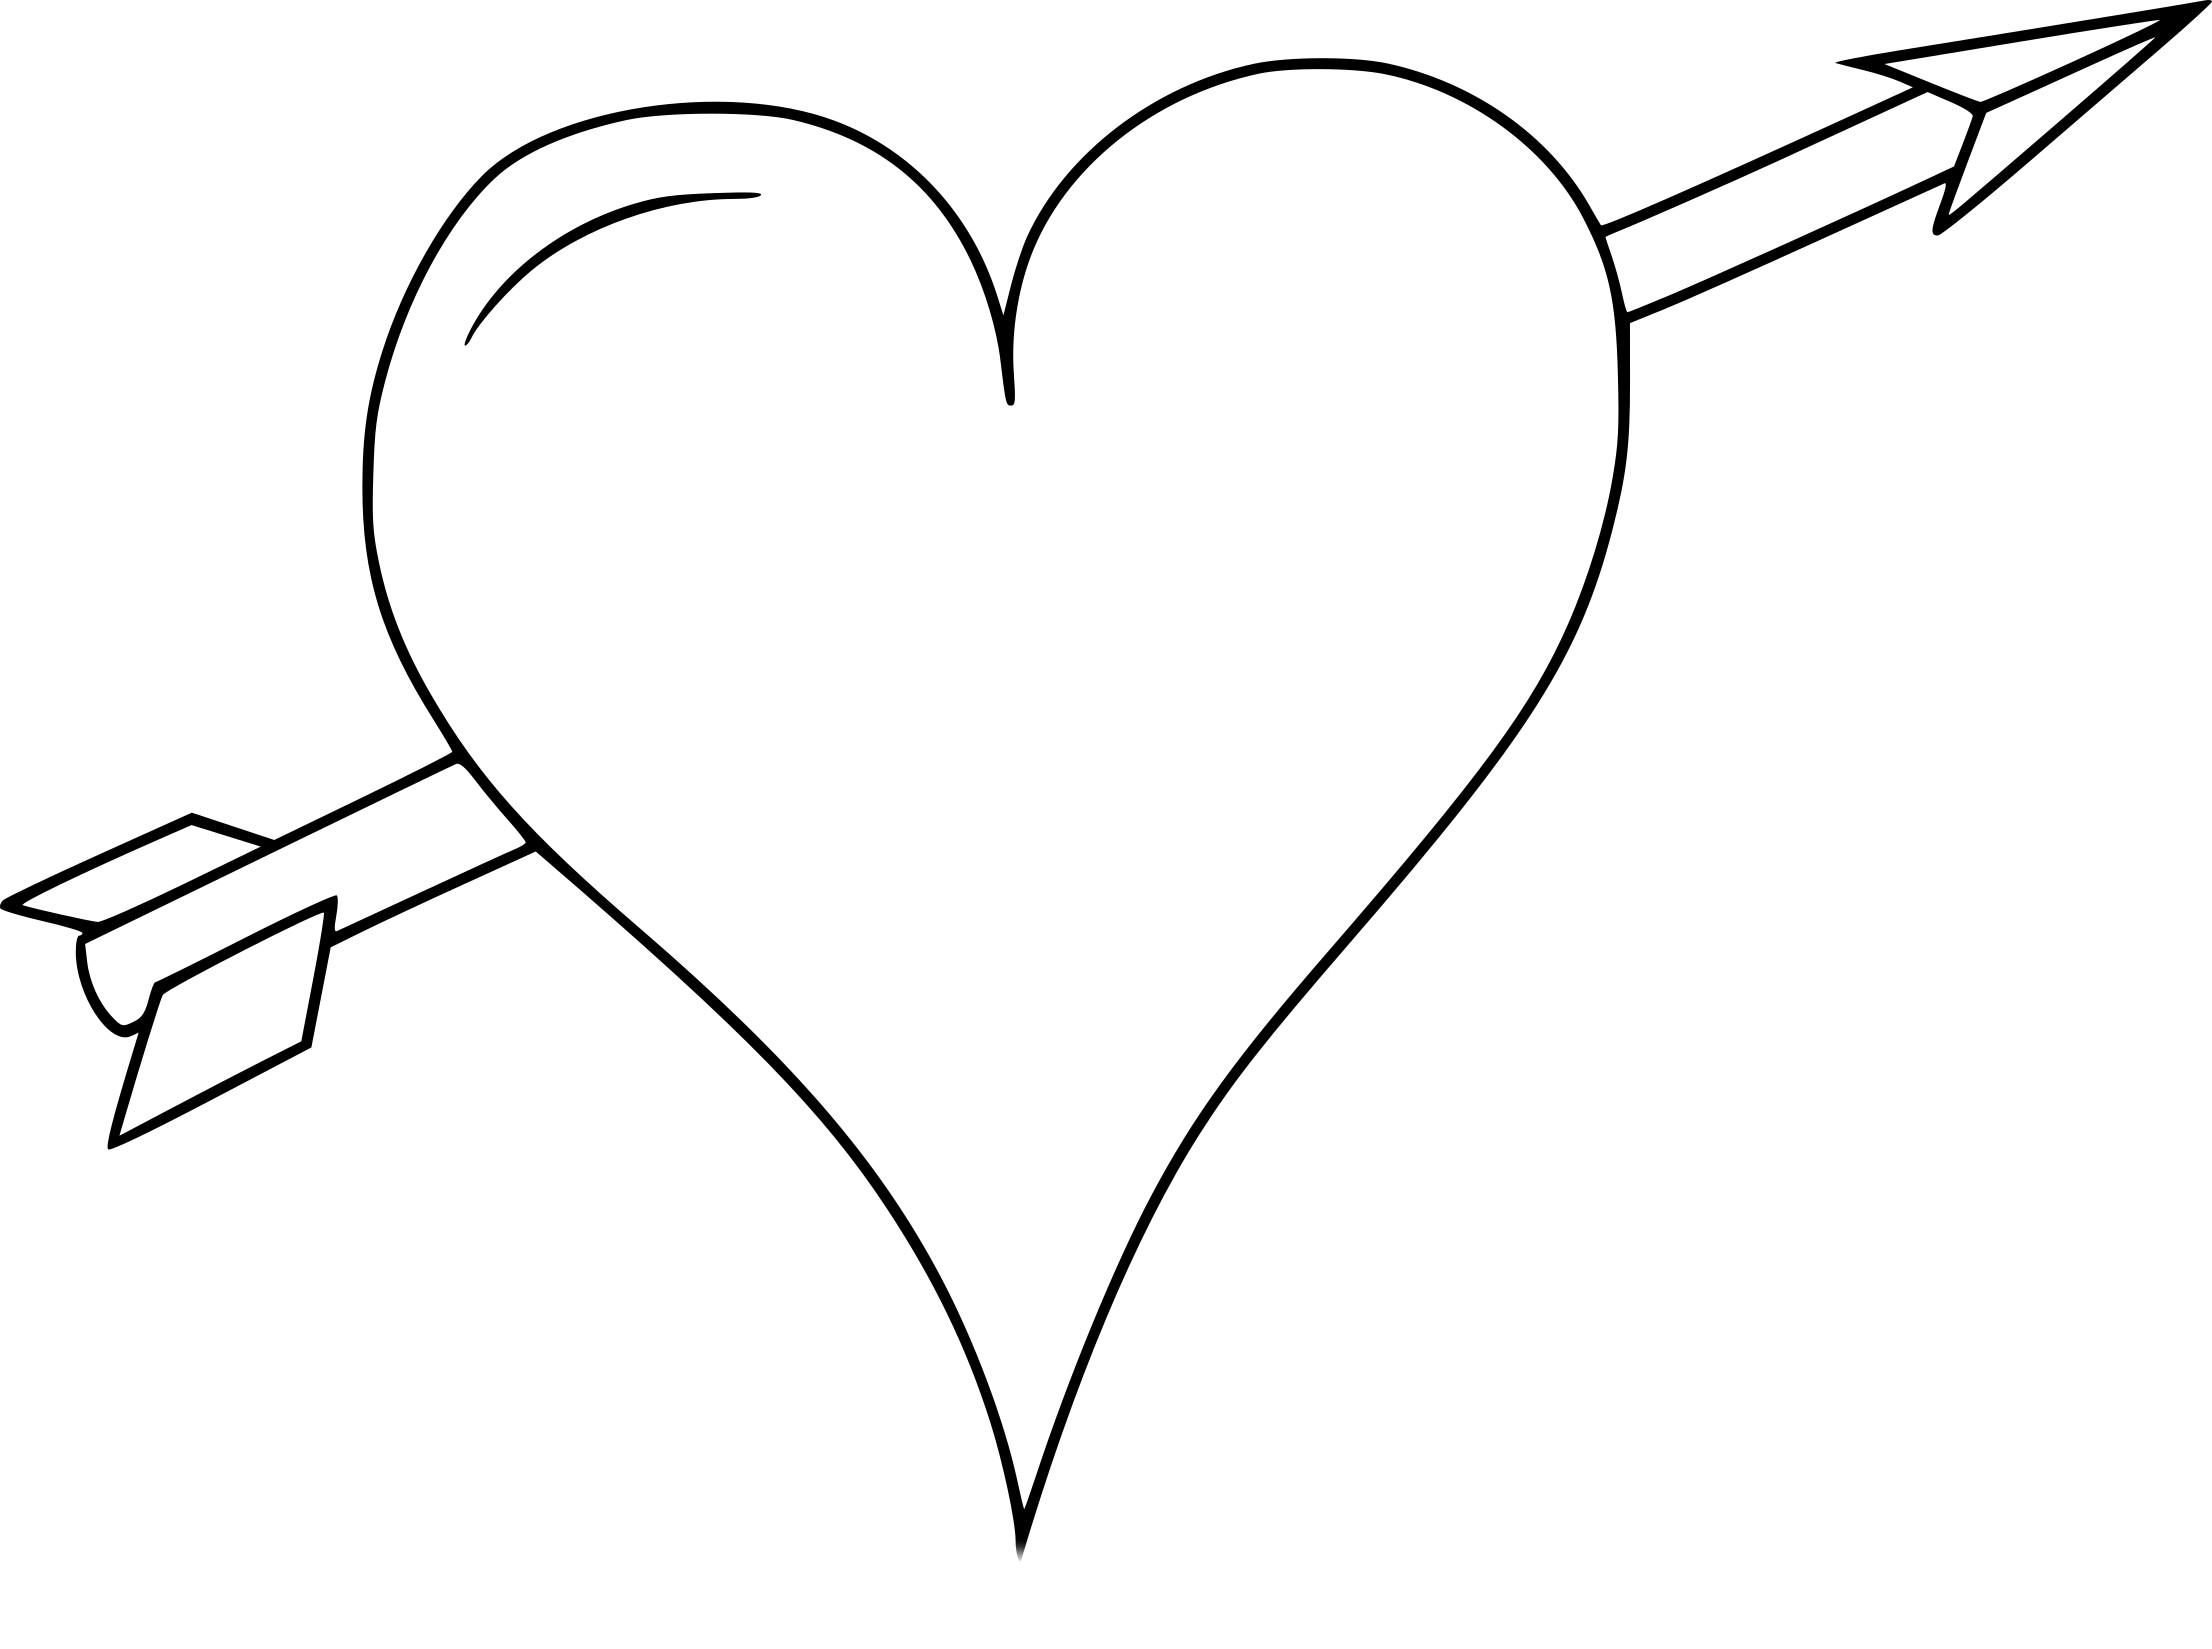 coloriage coeur avec une fl che imprimer. Black Bedroom Furniture Sets. Home Design Ideas